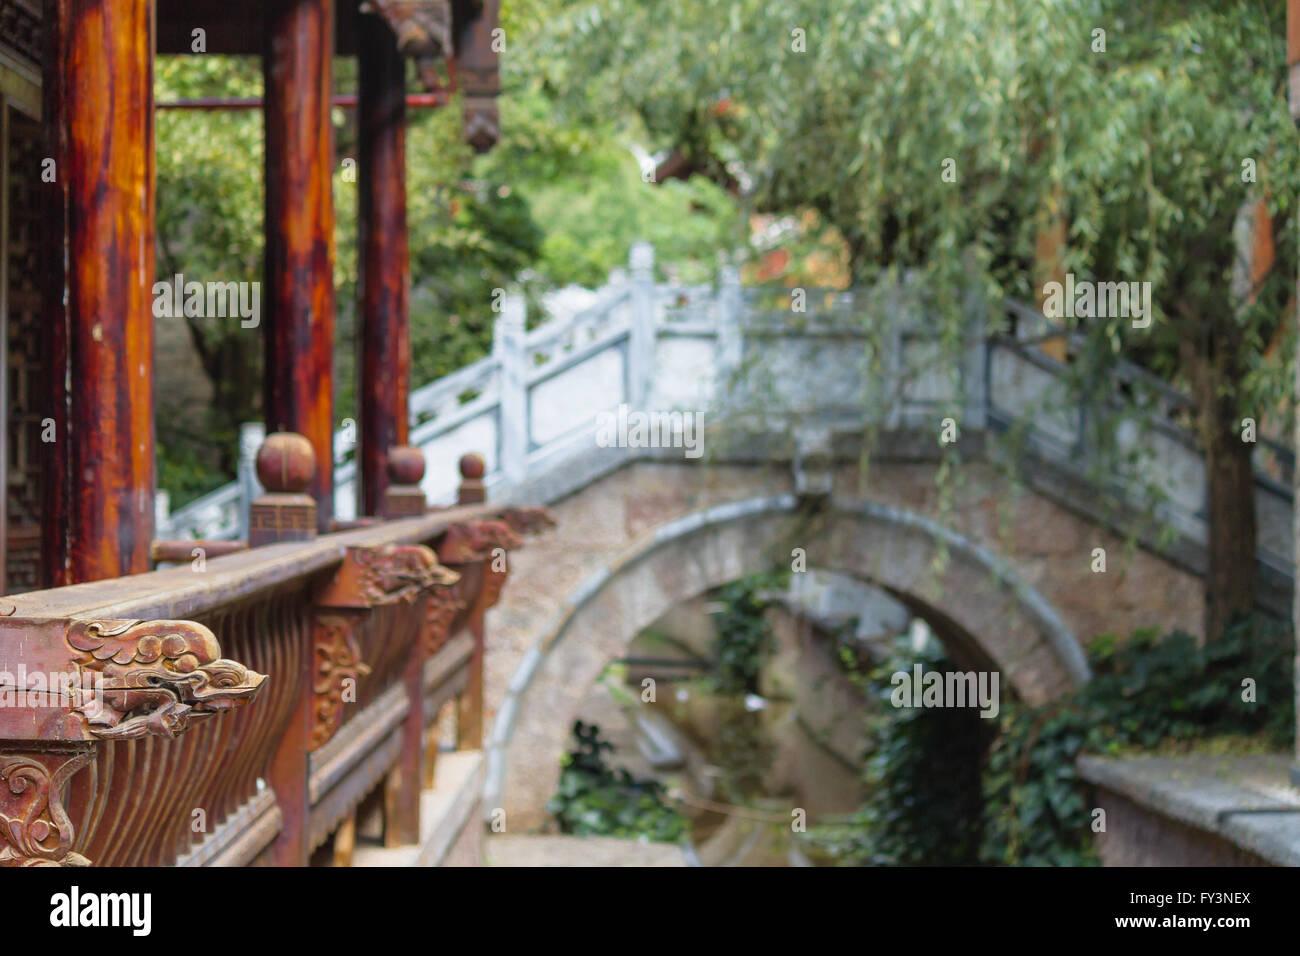 Baisha village, Lijiang Old Town, Yunnan - Traditional half timbered Architecture - Stock Image